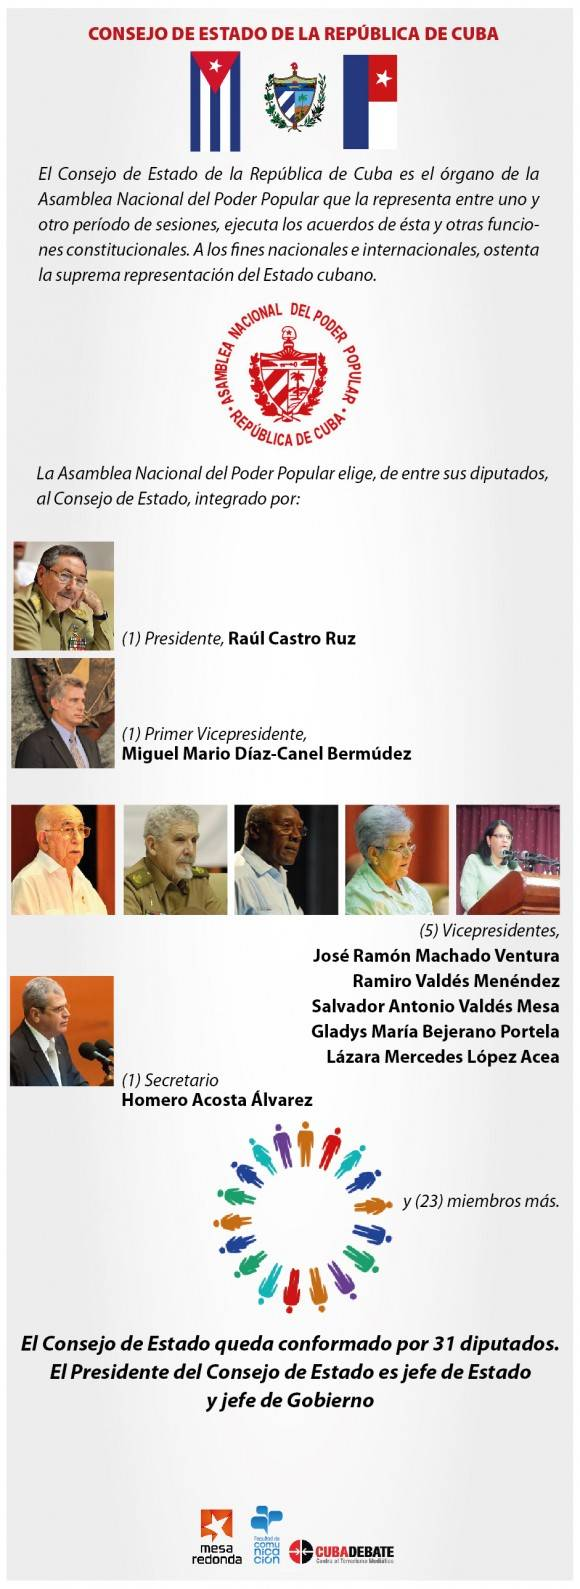 consejo de estado cuba